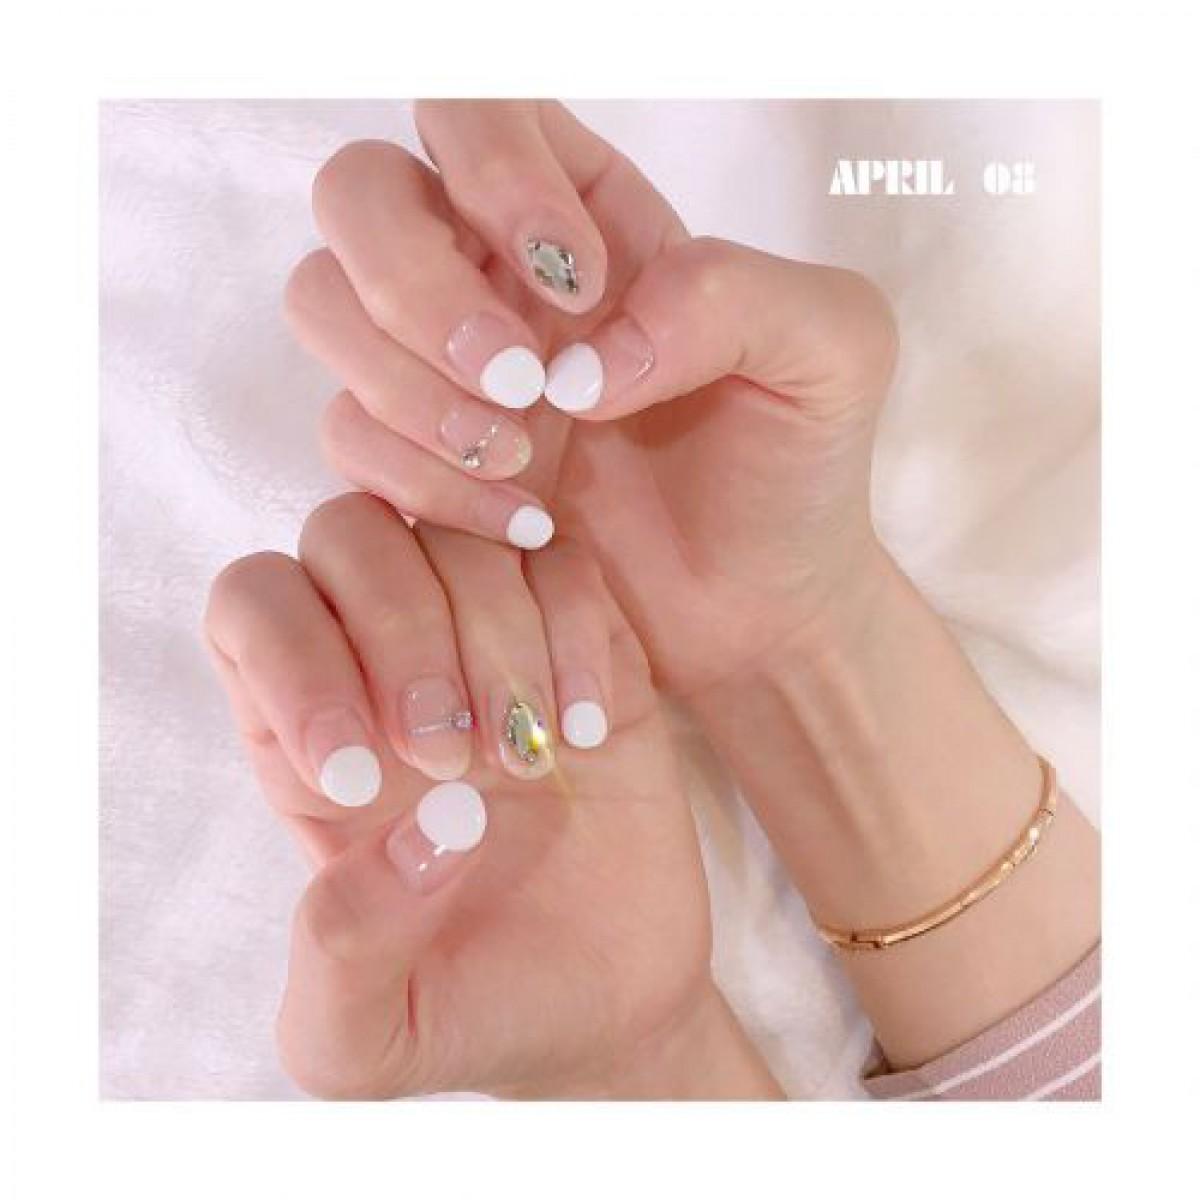 いますぐ真似したい♡韓国のフレンチネイルがすごく可愛い!